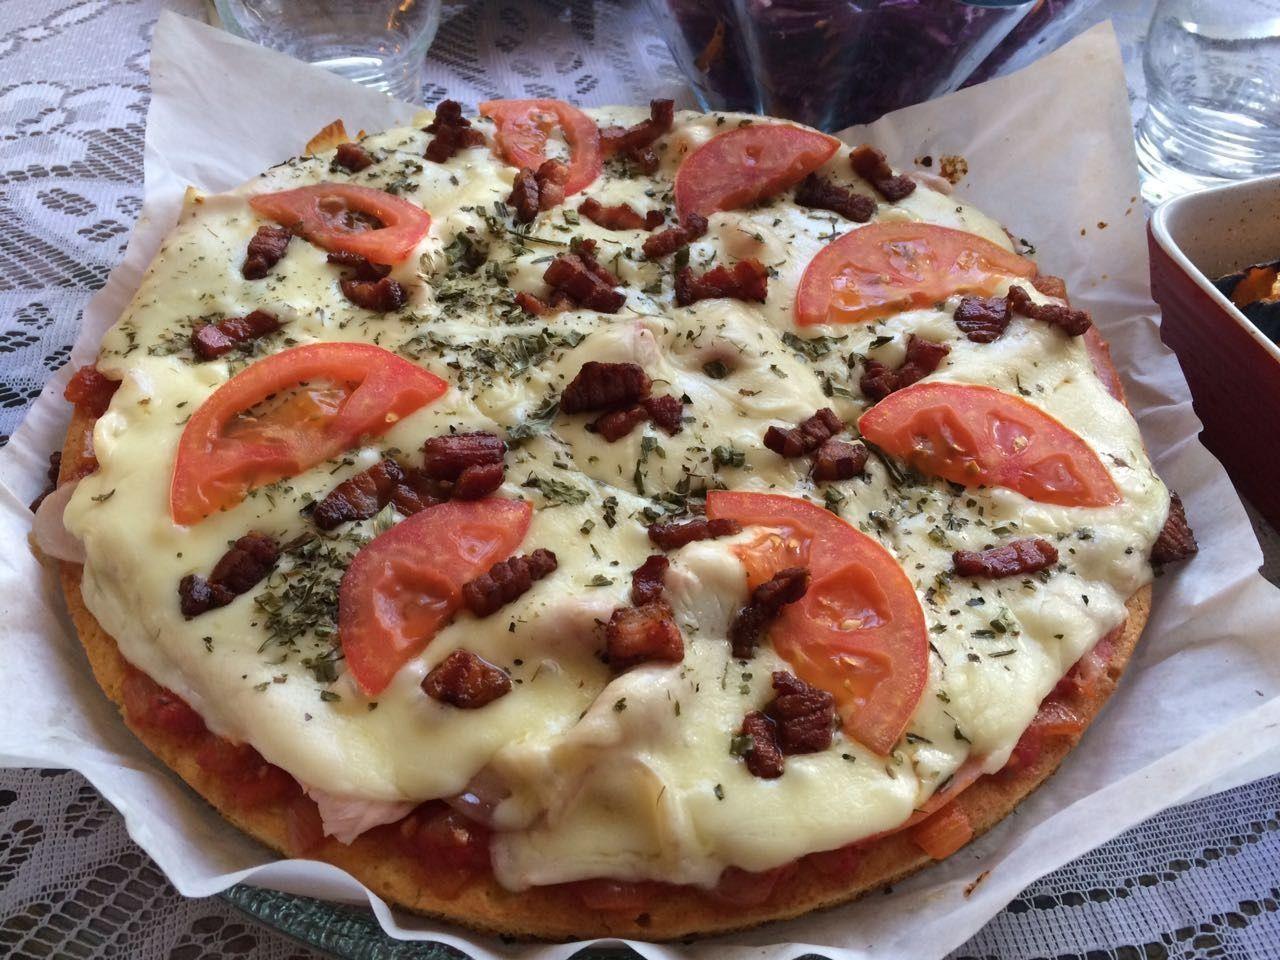 Low carb paleolítico paleo dieta regime emagrecer obesidade atkins proteina carbohidrato glúten celíaco pão amêndoas carnes legumes saladas